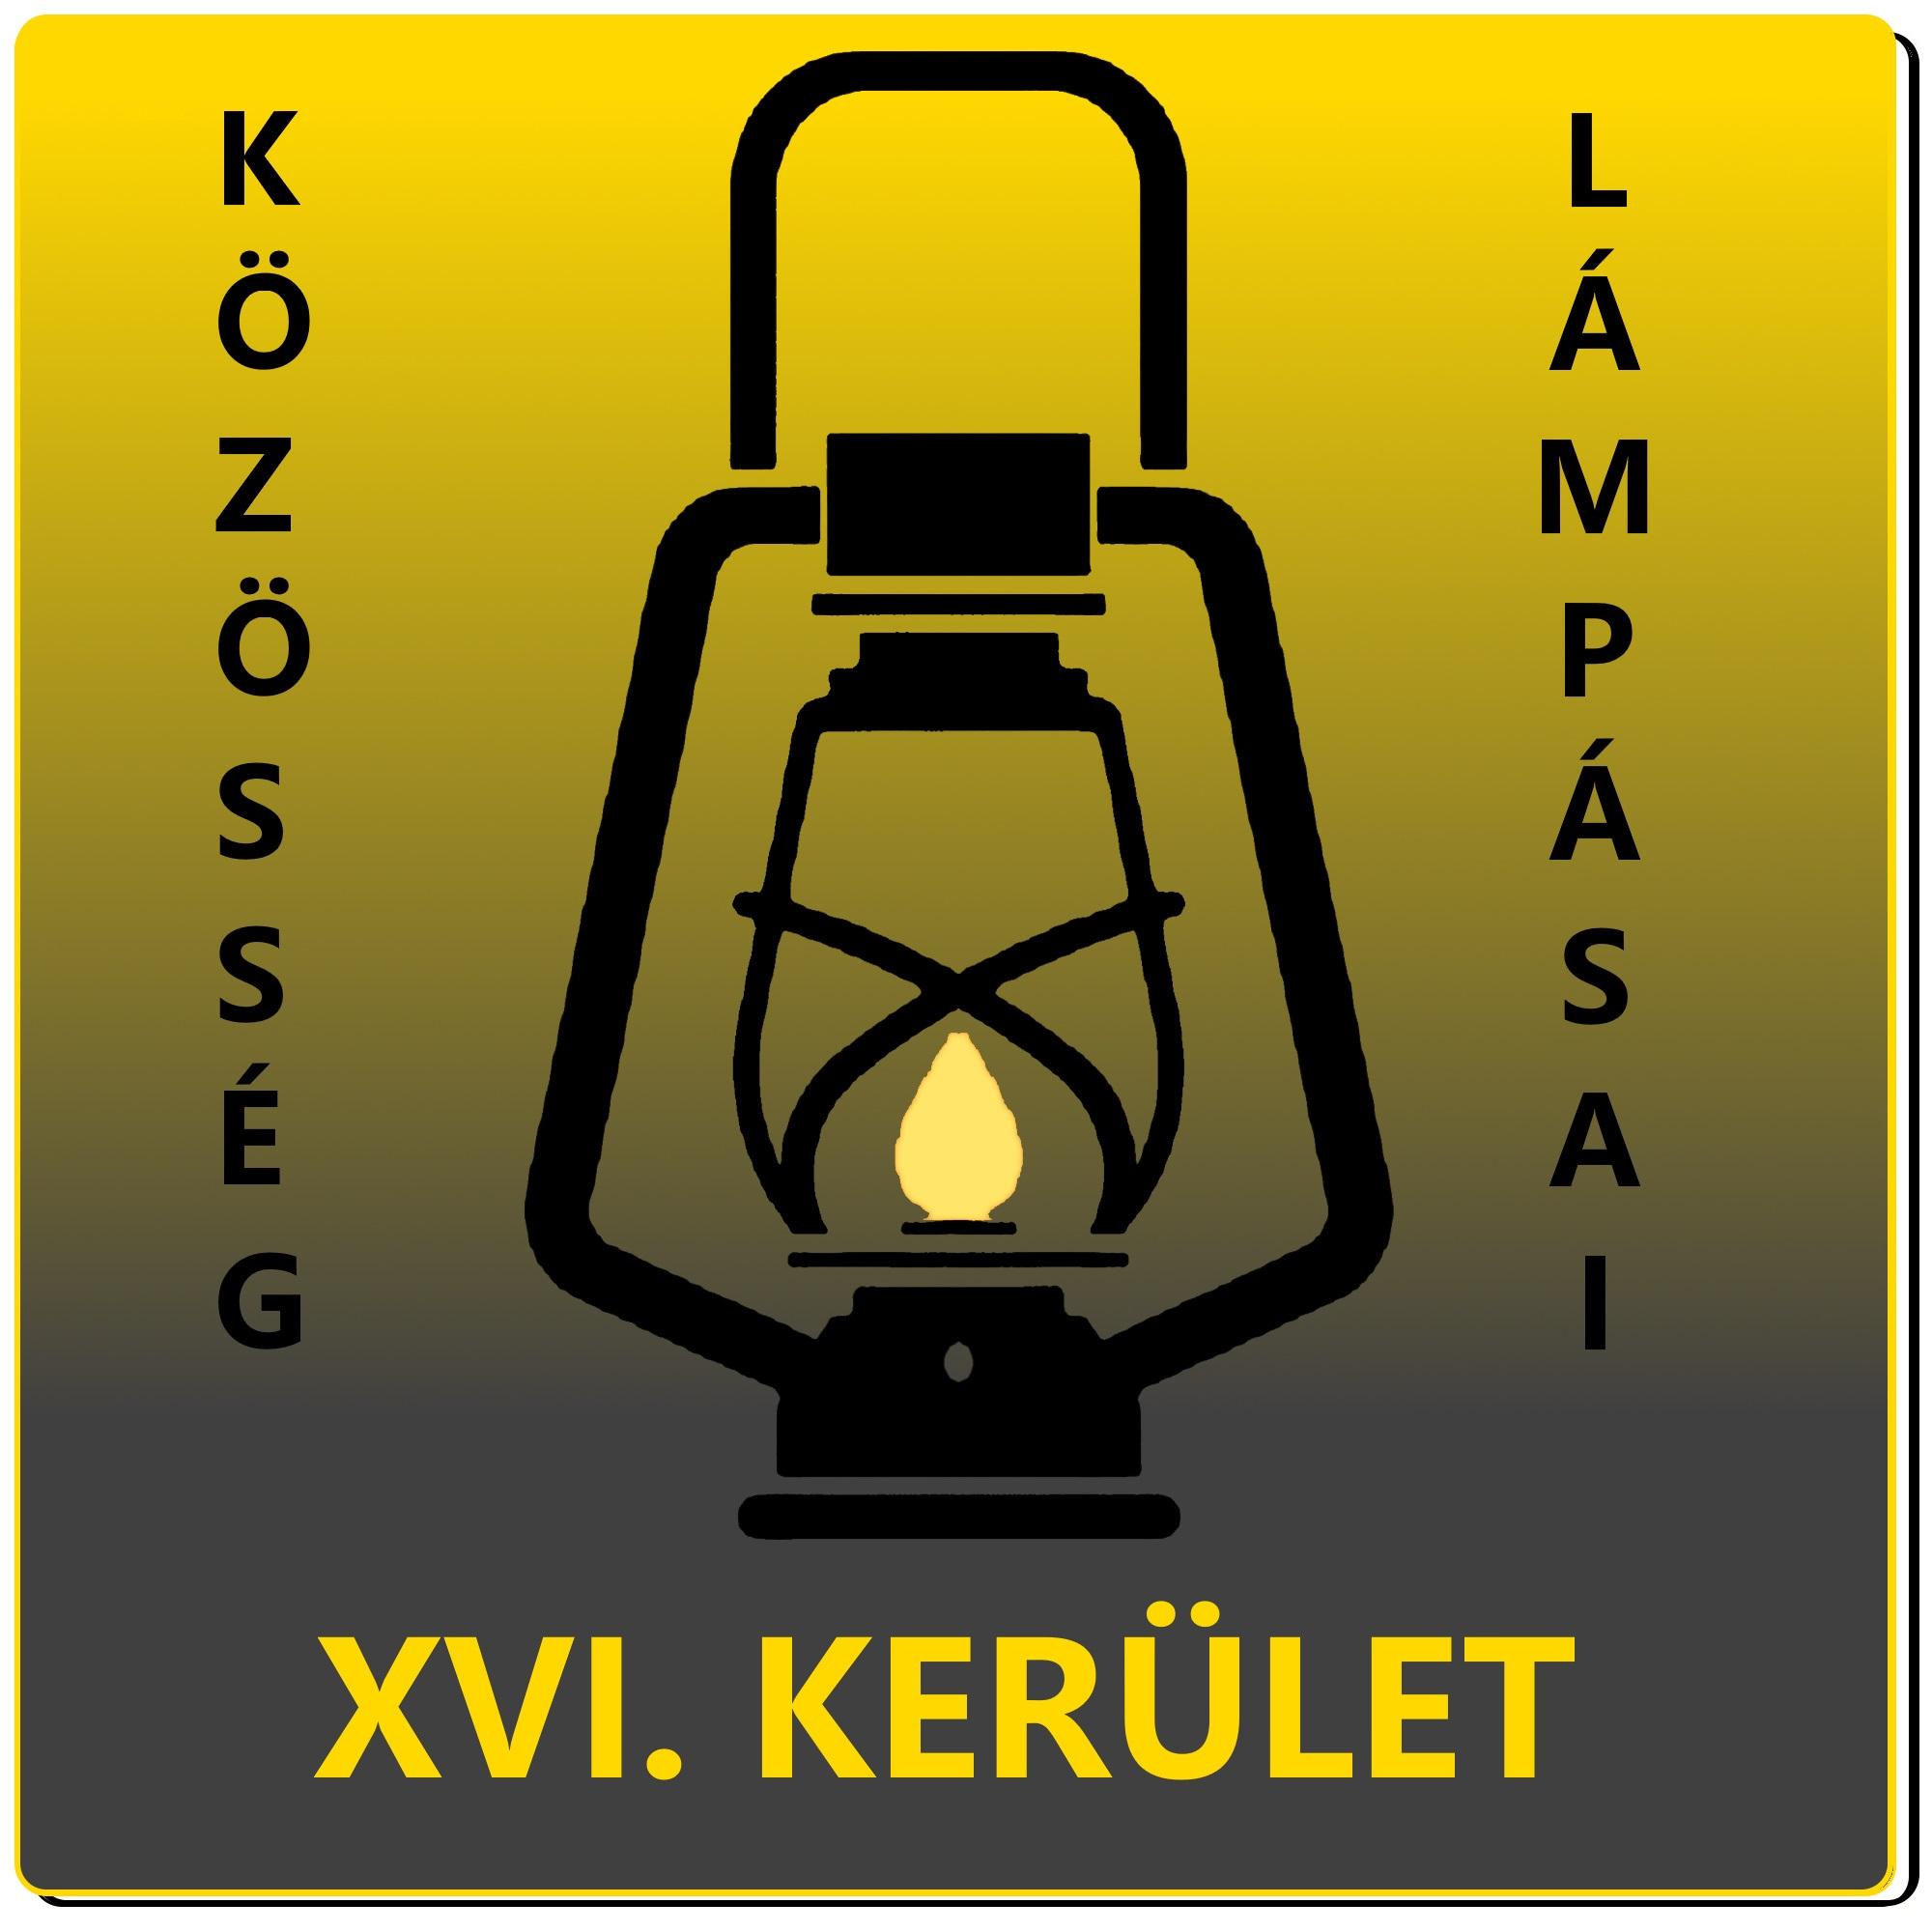 A XVI. kerületi Lámpás Klub logója